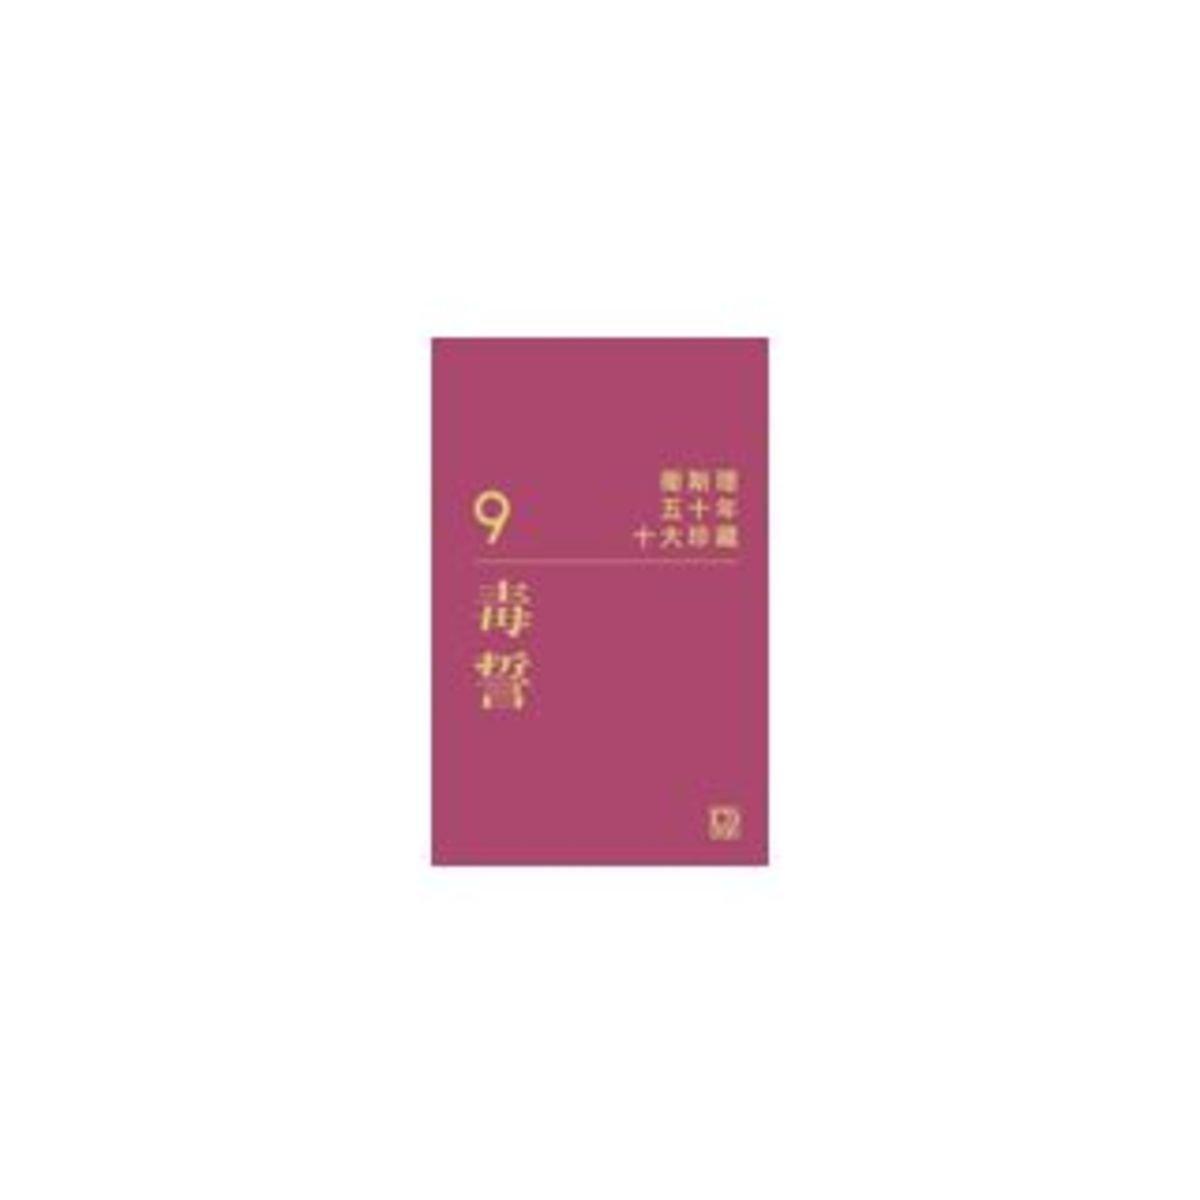 毒誓(衛斯理50年十大珍藏盒裝)